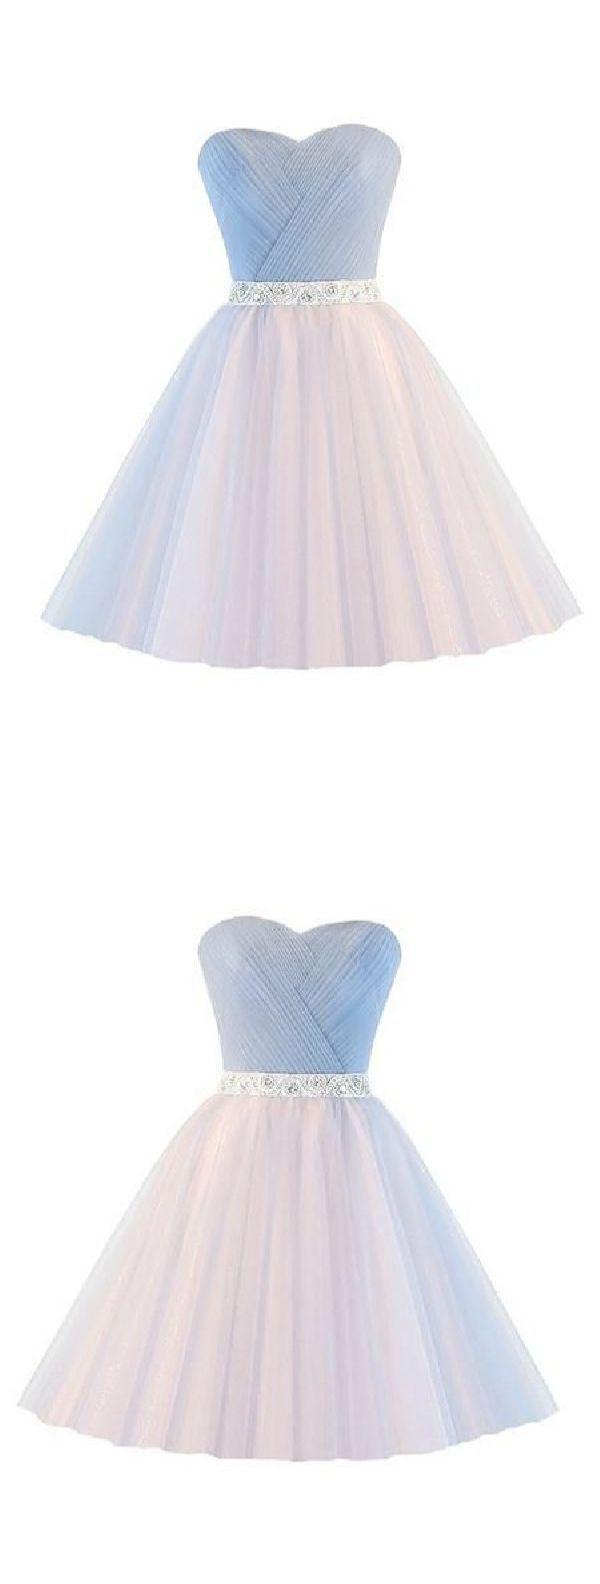 Homecoming Dresses For Sale Near Me where Fashion Nova Jean Dress